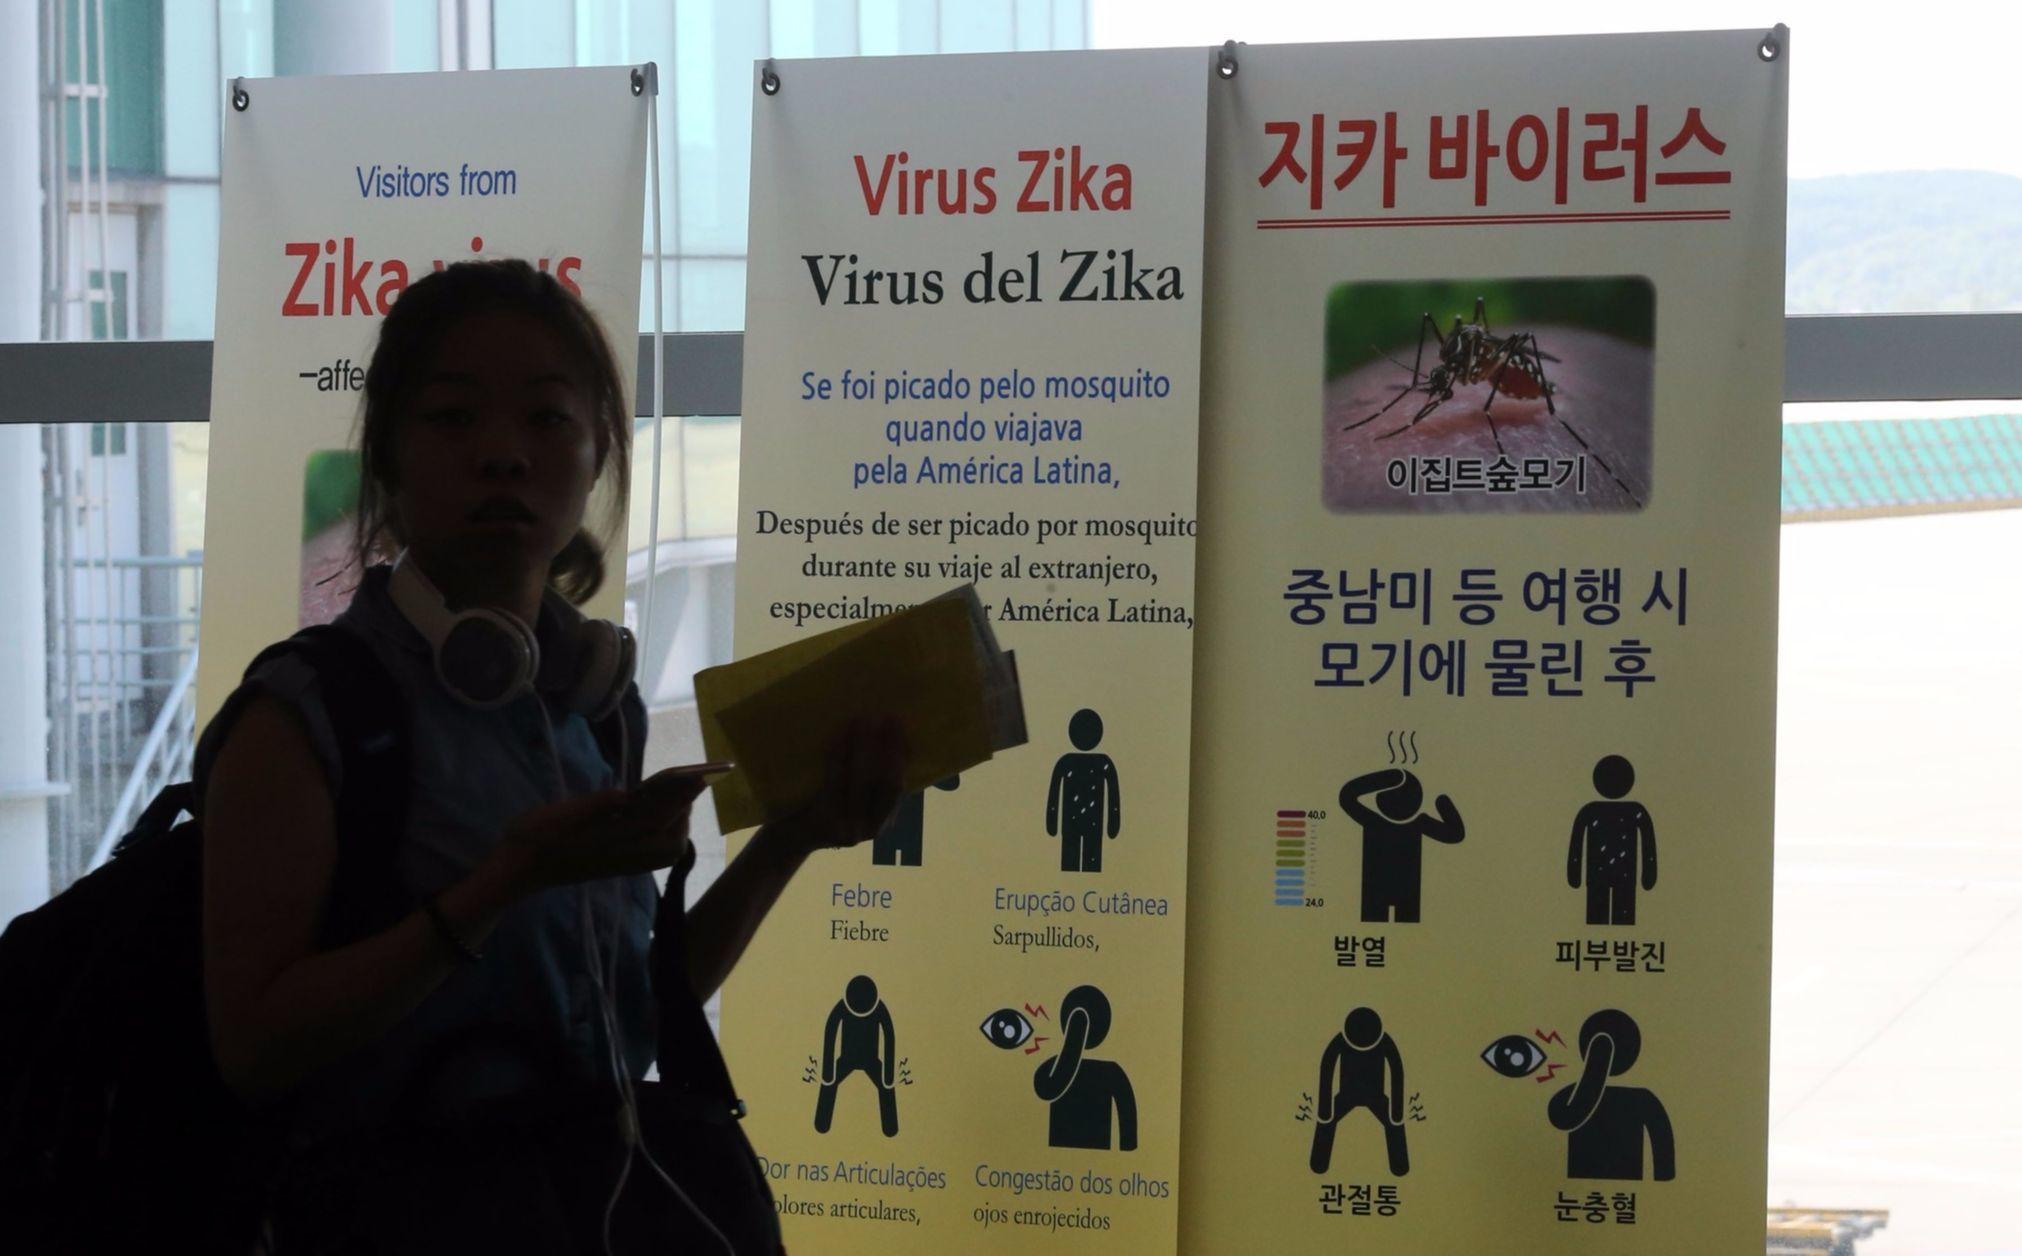 인천국제공항으로 입국한 해외 여행객이 지카 바이러스 안내문을 읽고 있다. 여름 휴가철을 맞아 외국으로 나가는 여행객들은 지카 등 감염병에 걸리지 않도록 예방하는 게 중요하다. [중앙포토]